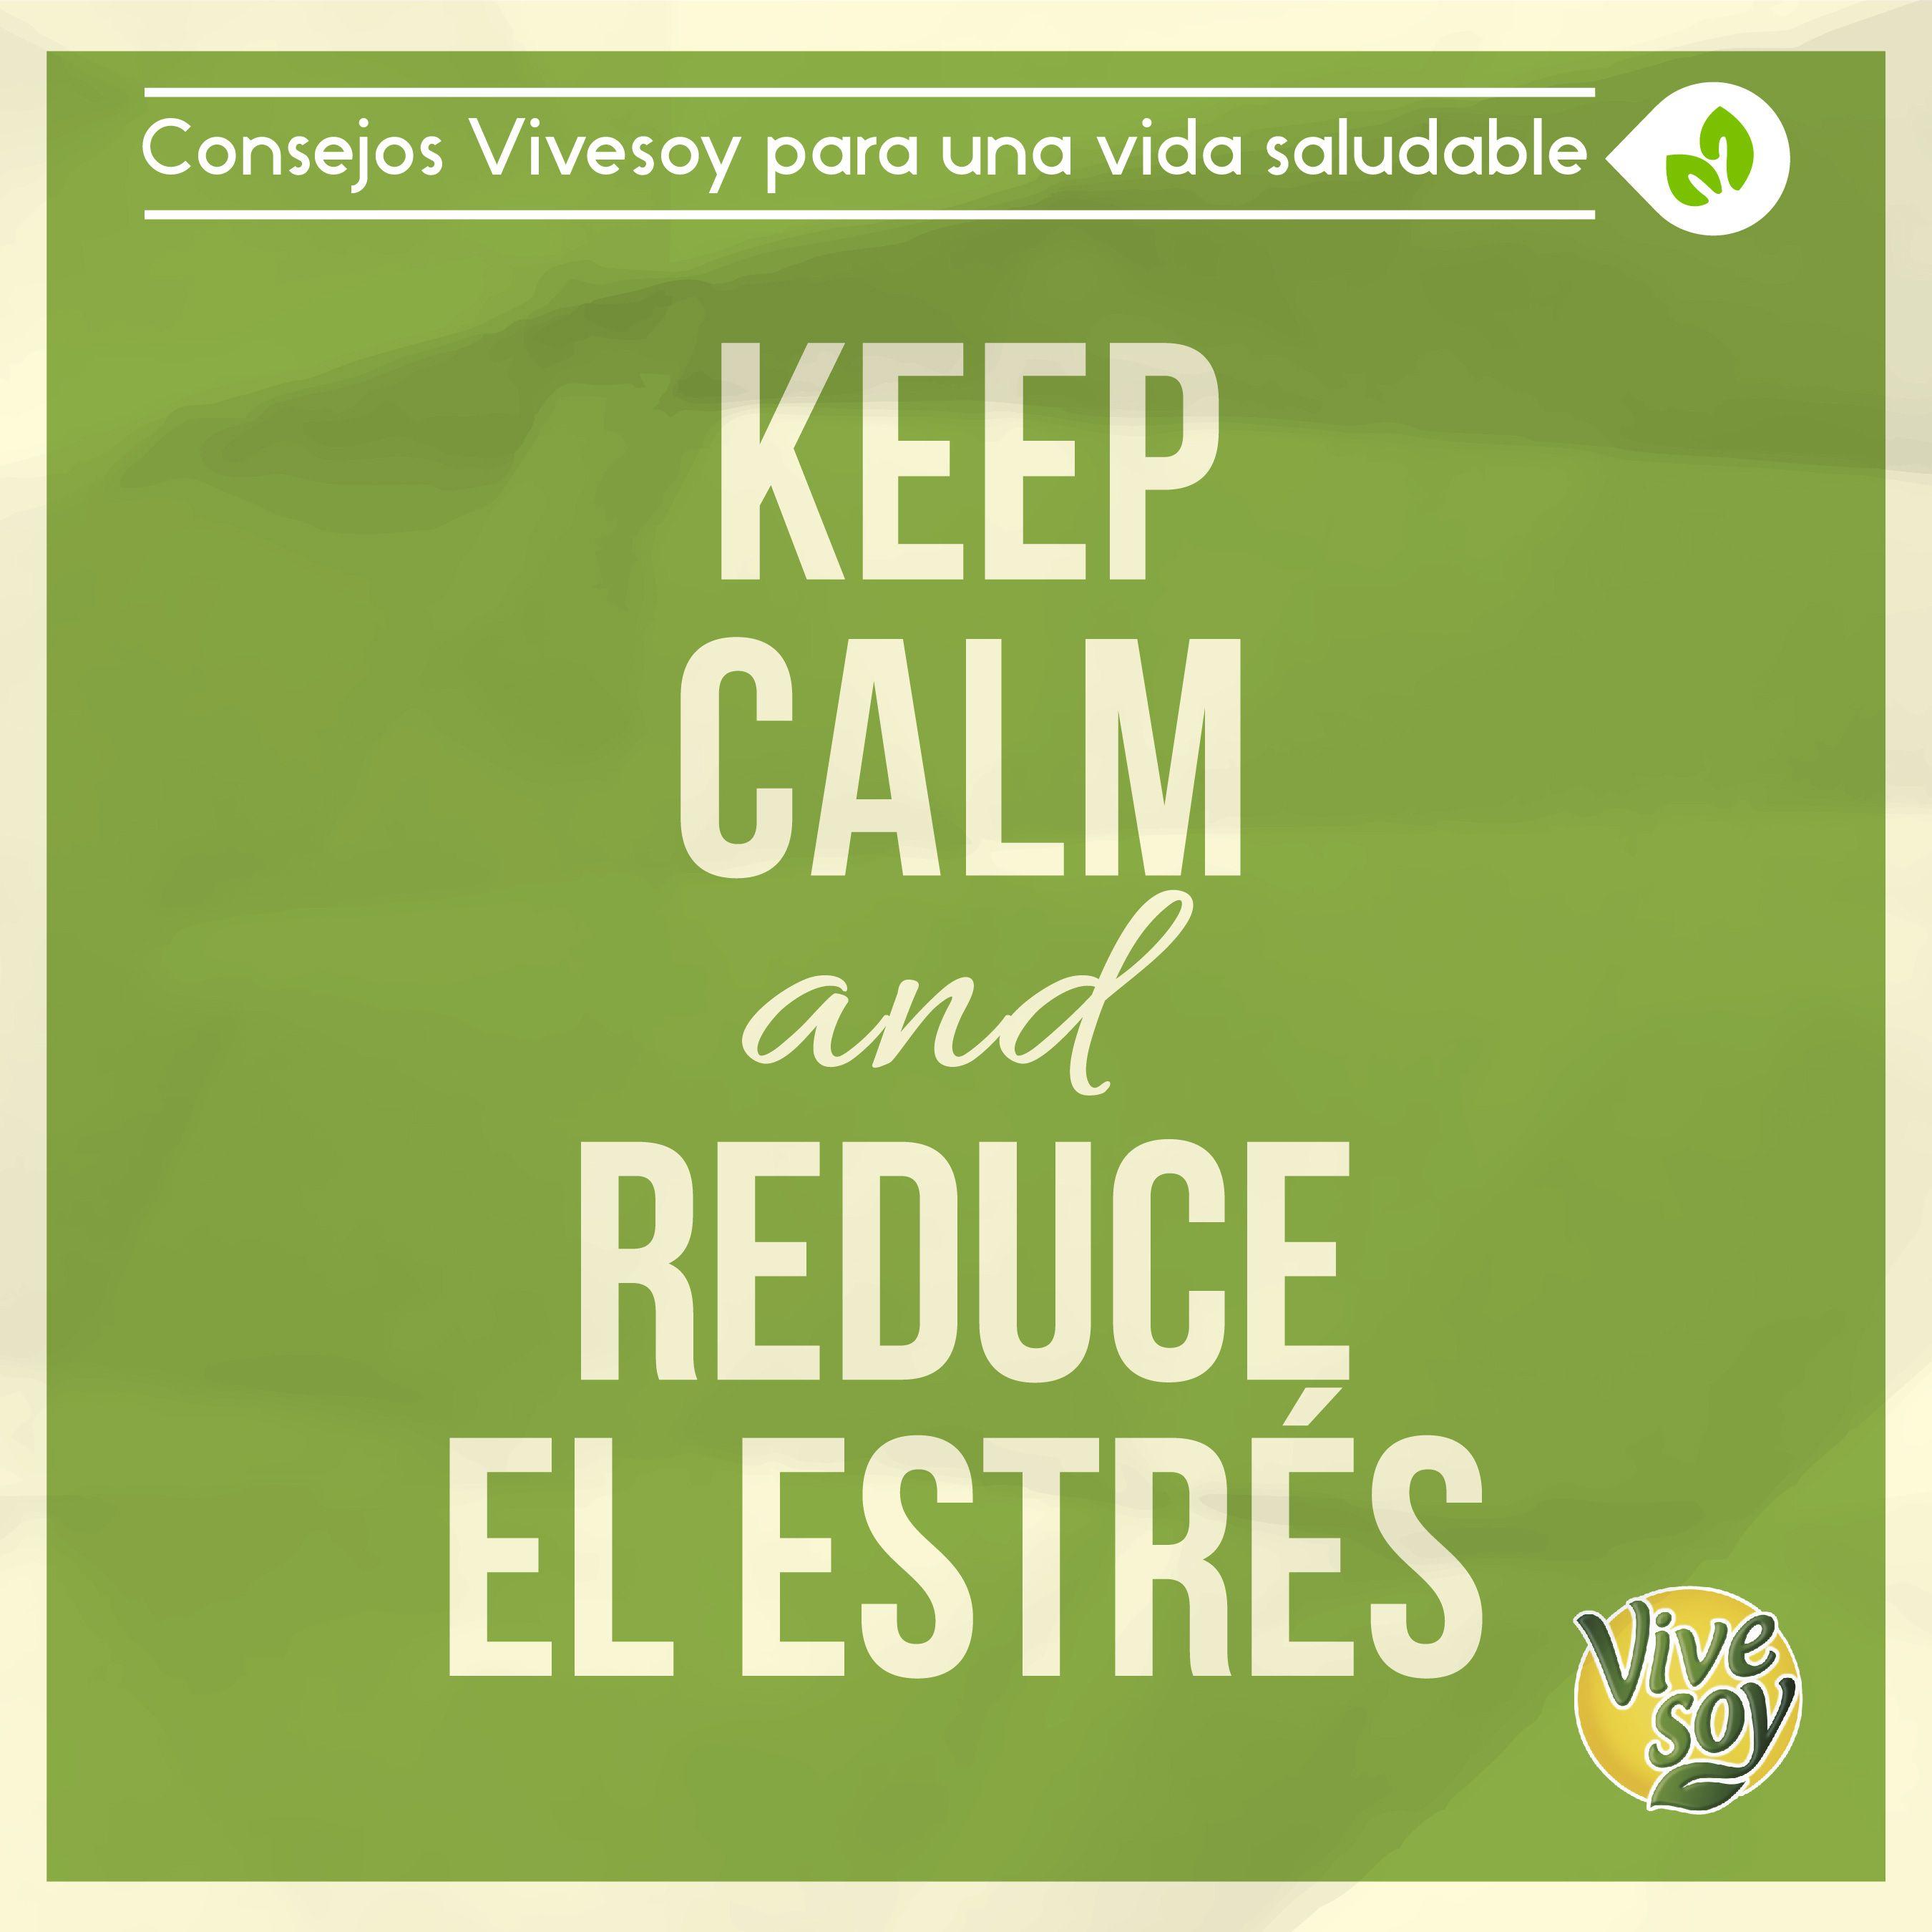 #ConsejodelDía: Aprovecha tus momentos de descanso para oxigenarte y reducir el #estrés. #Bienestar #relax